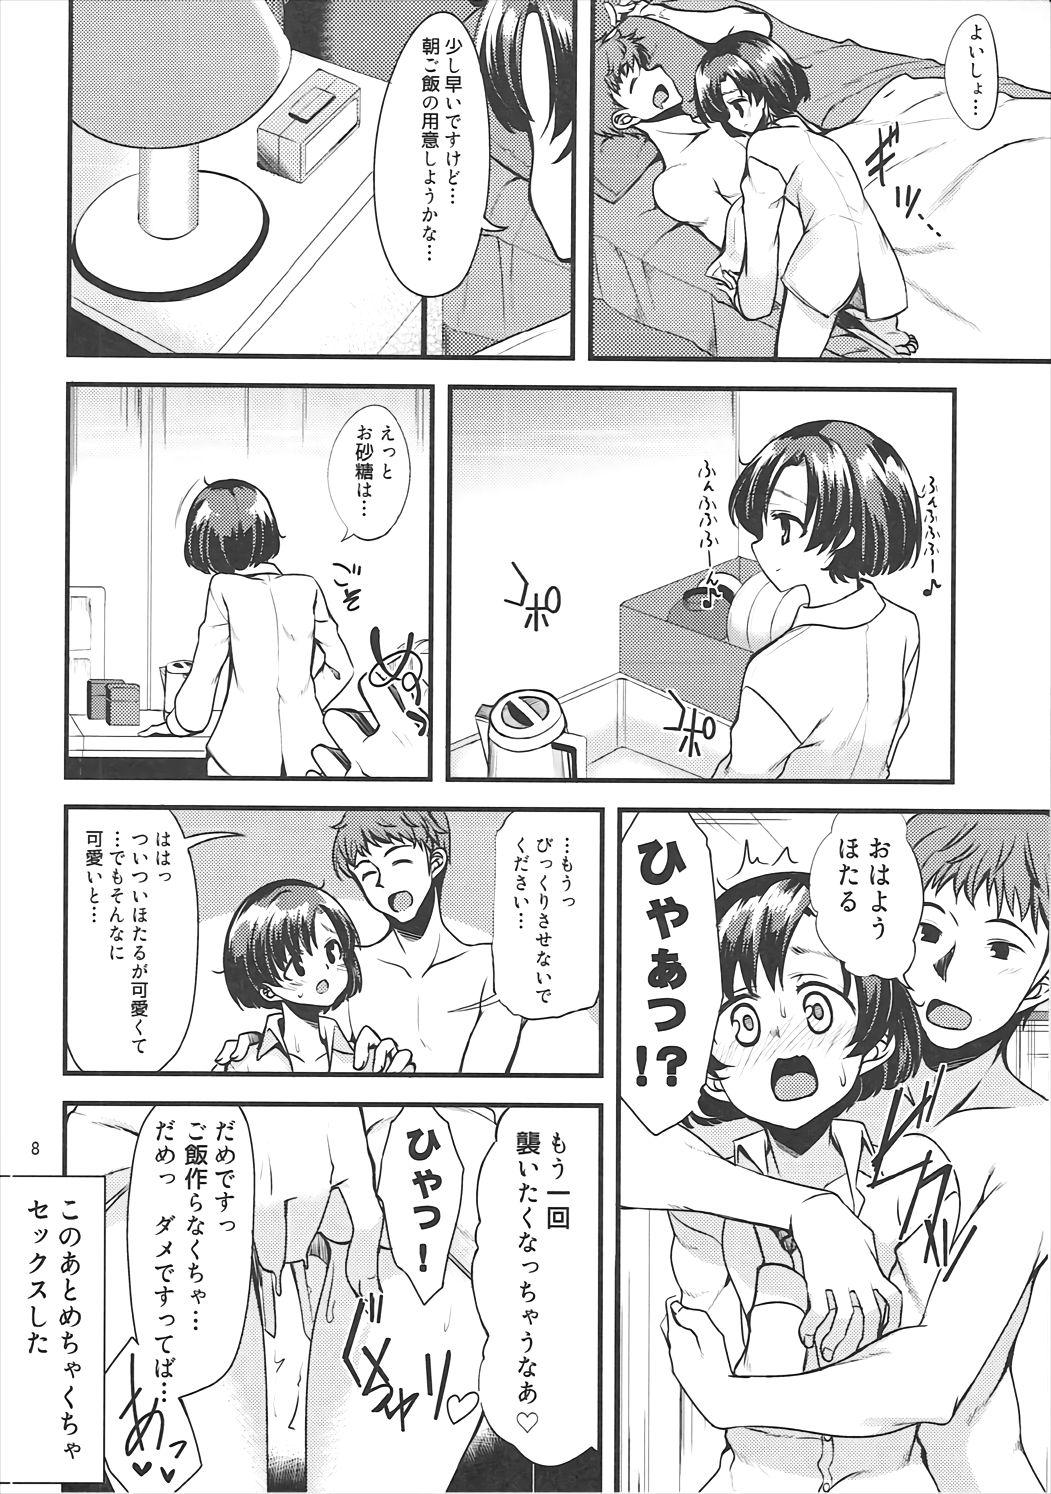 Shiragiku no Shoujo ni Suzuran o 6